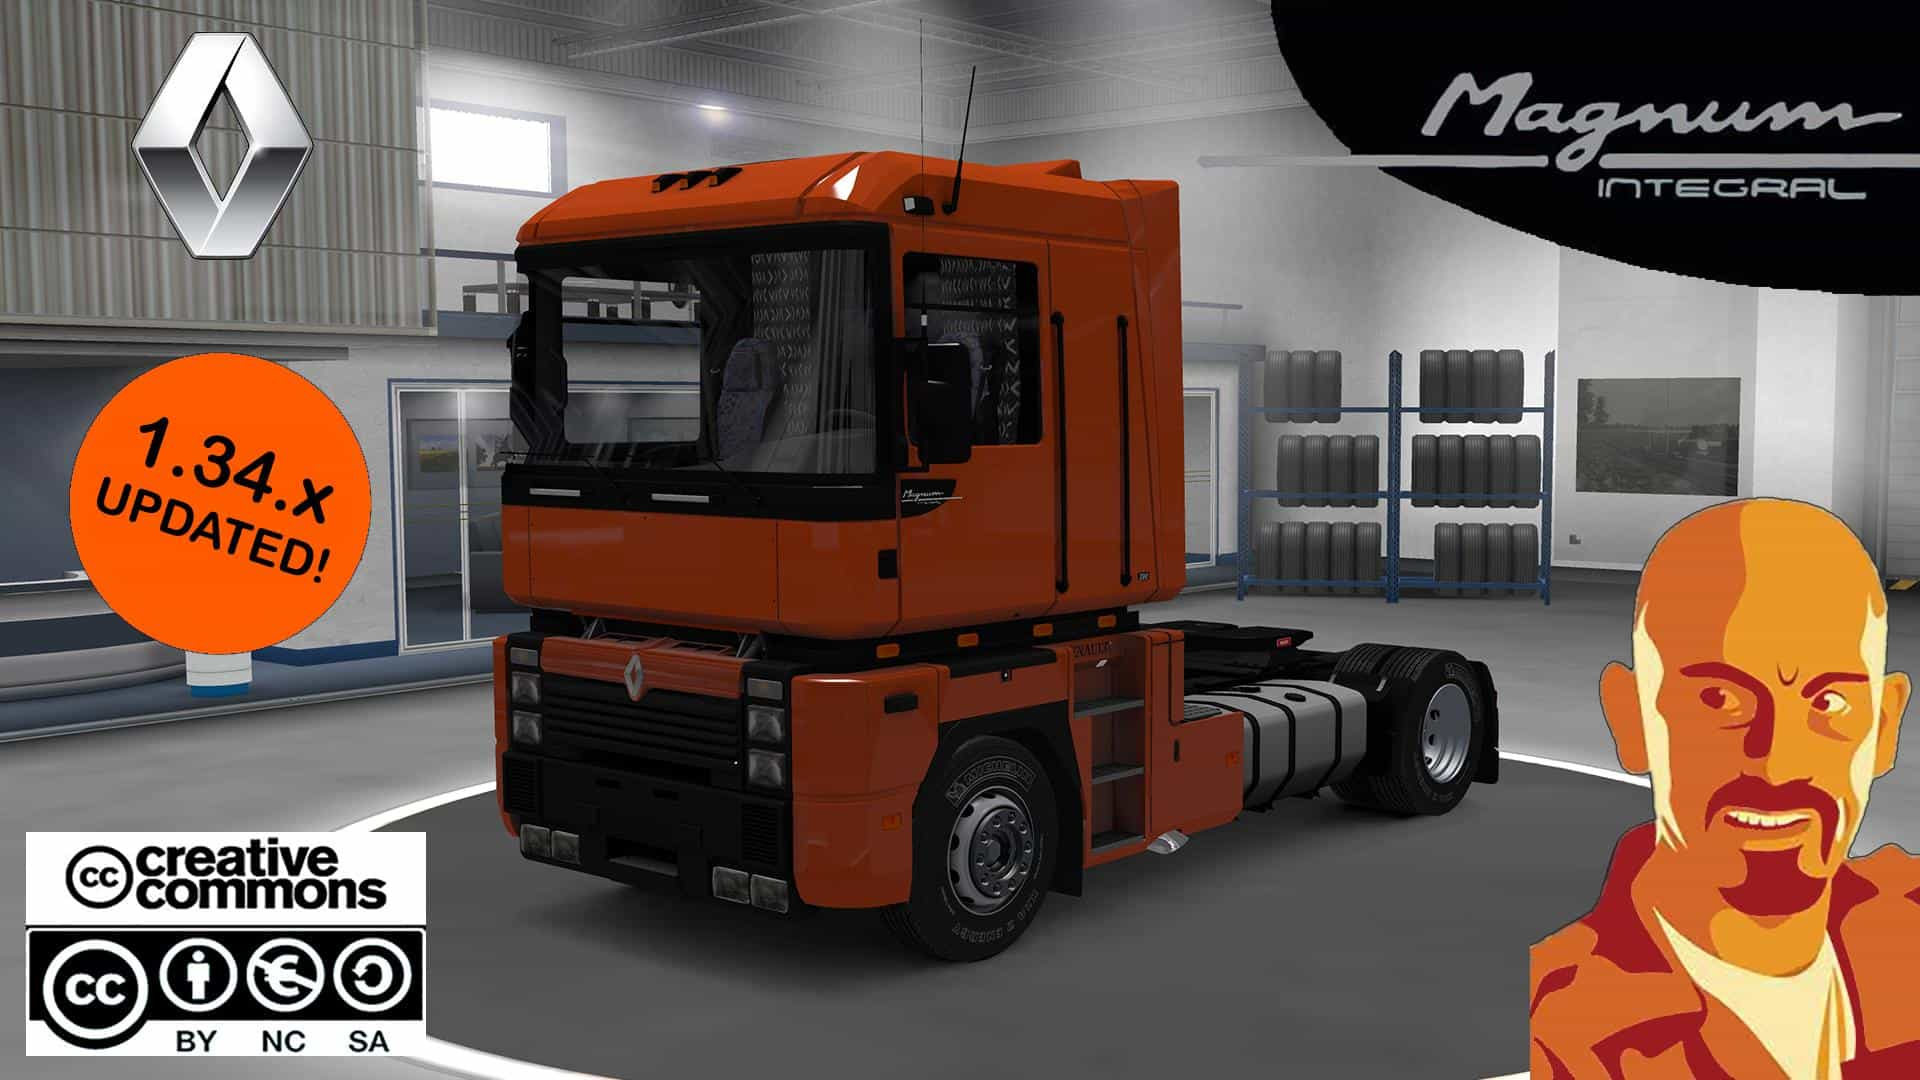 renault integral ets2 truck mod ets2 mod. Black Bedroom Furniture Sets. Home Design Ideas